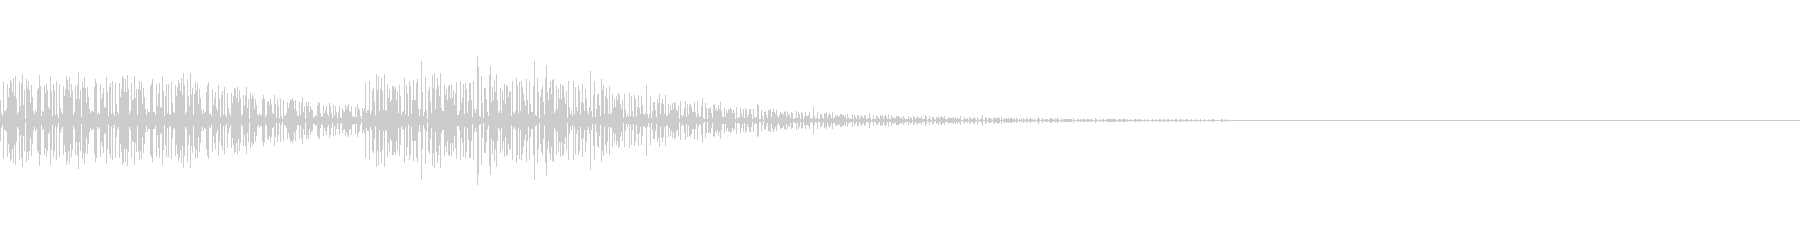 アプリやゲームの禁止操作音の未再生の波形